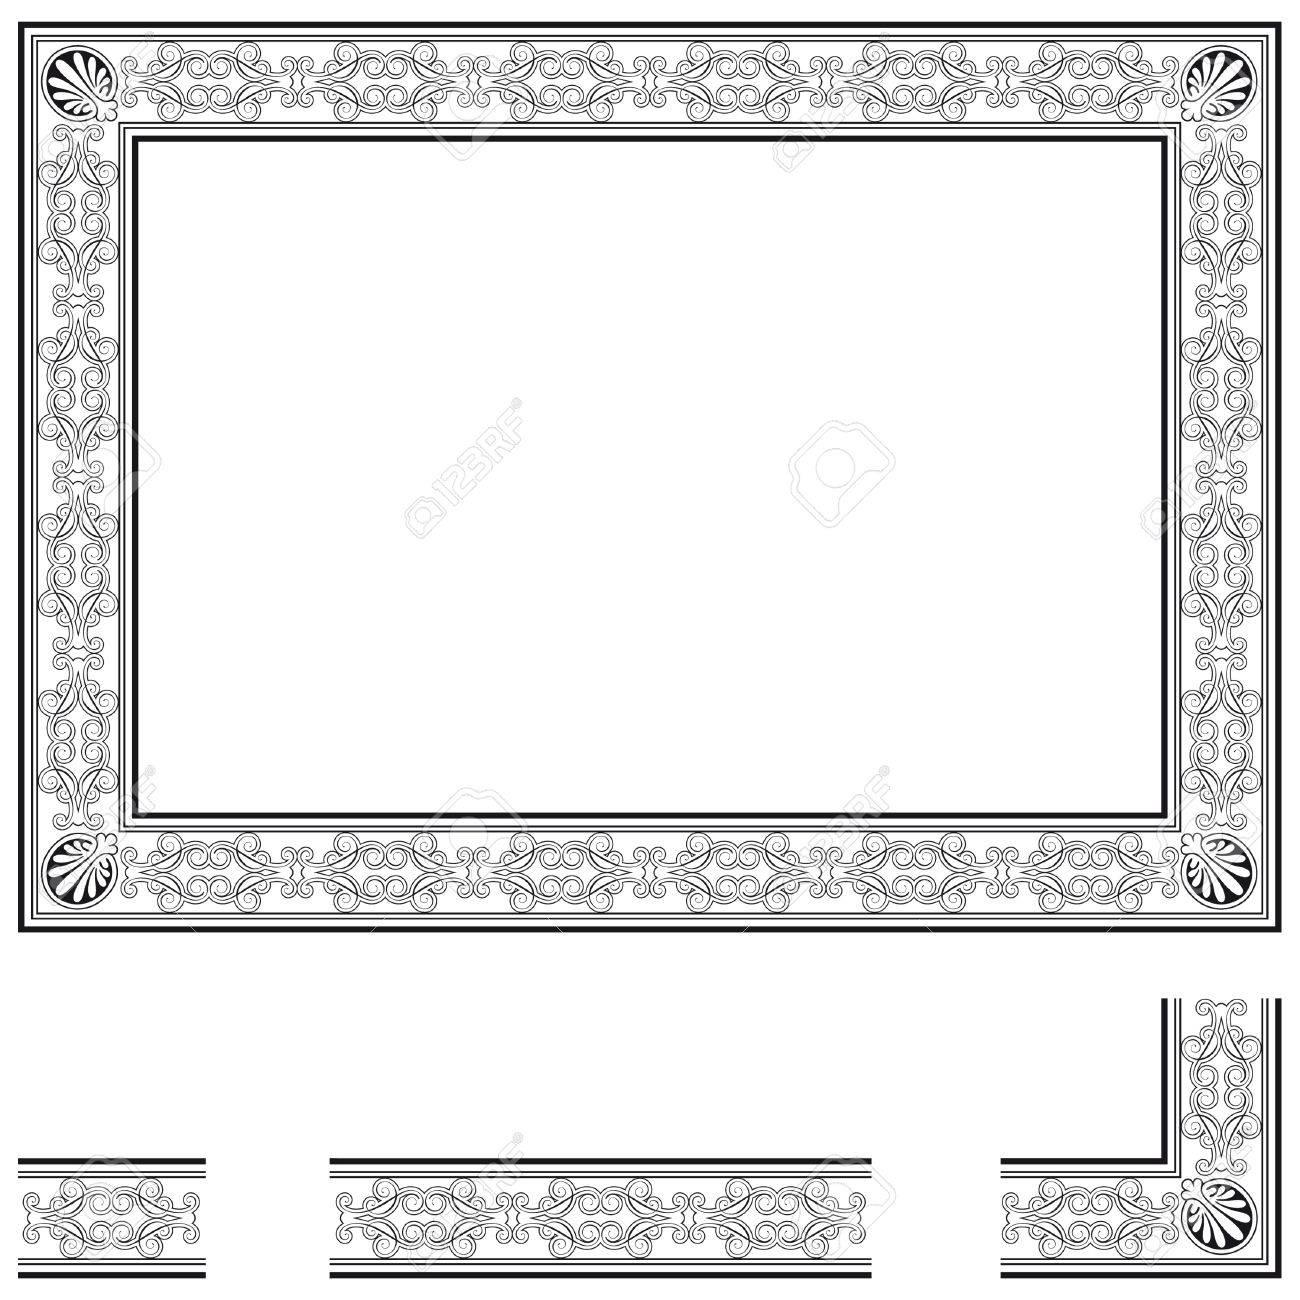 Fantastisch Heimwerker Steppung Rahmen Bilder - Rahmen Ideen ...